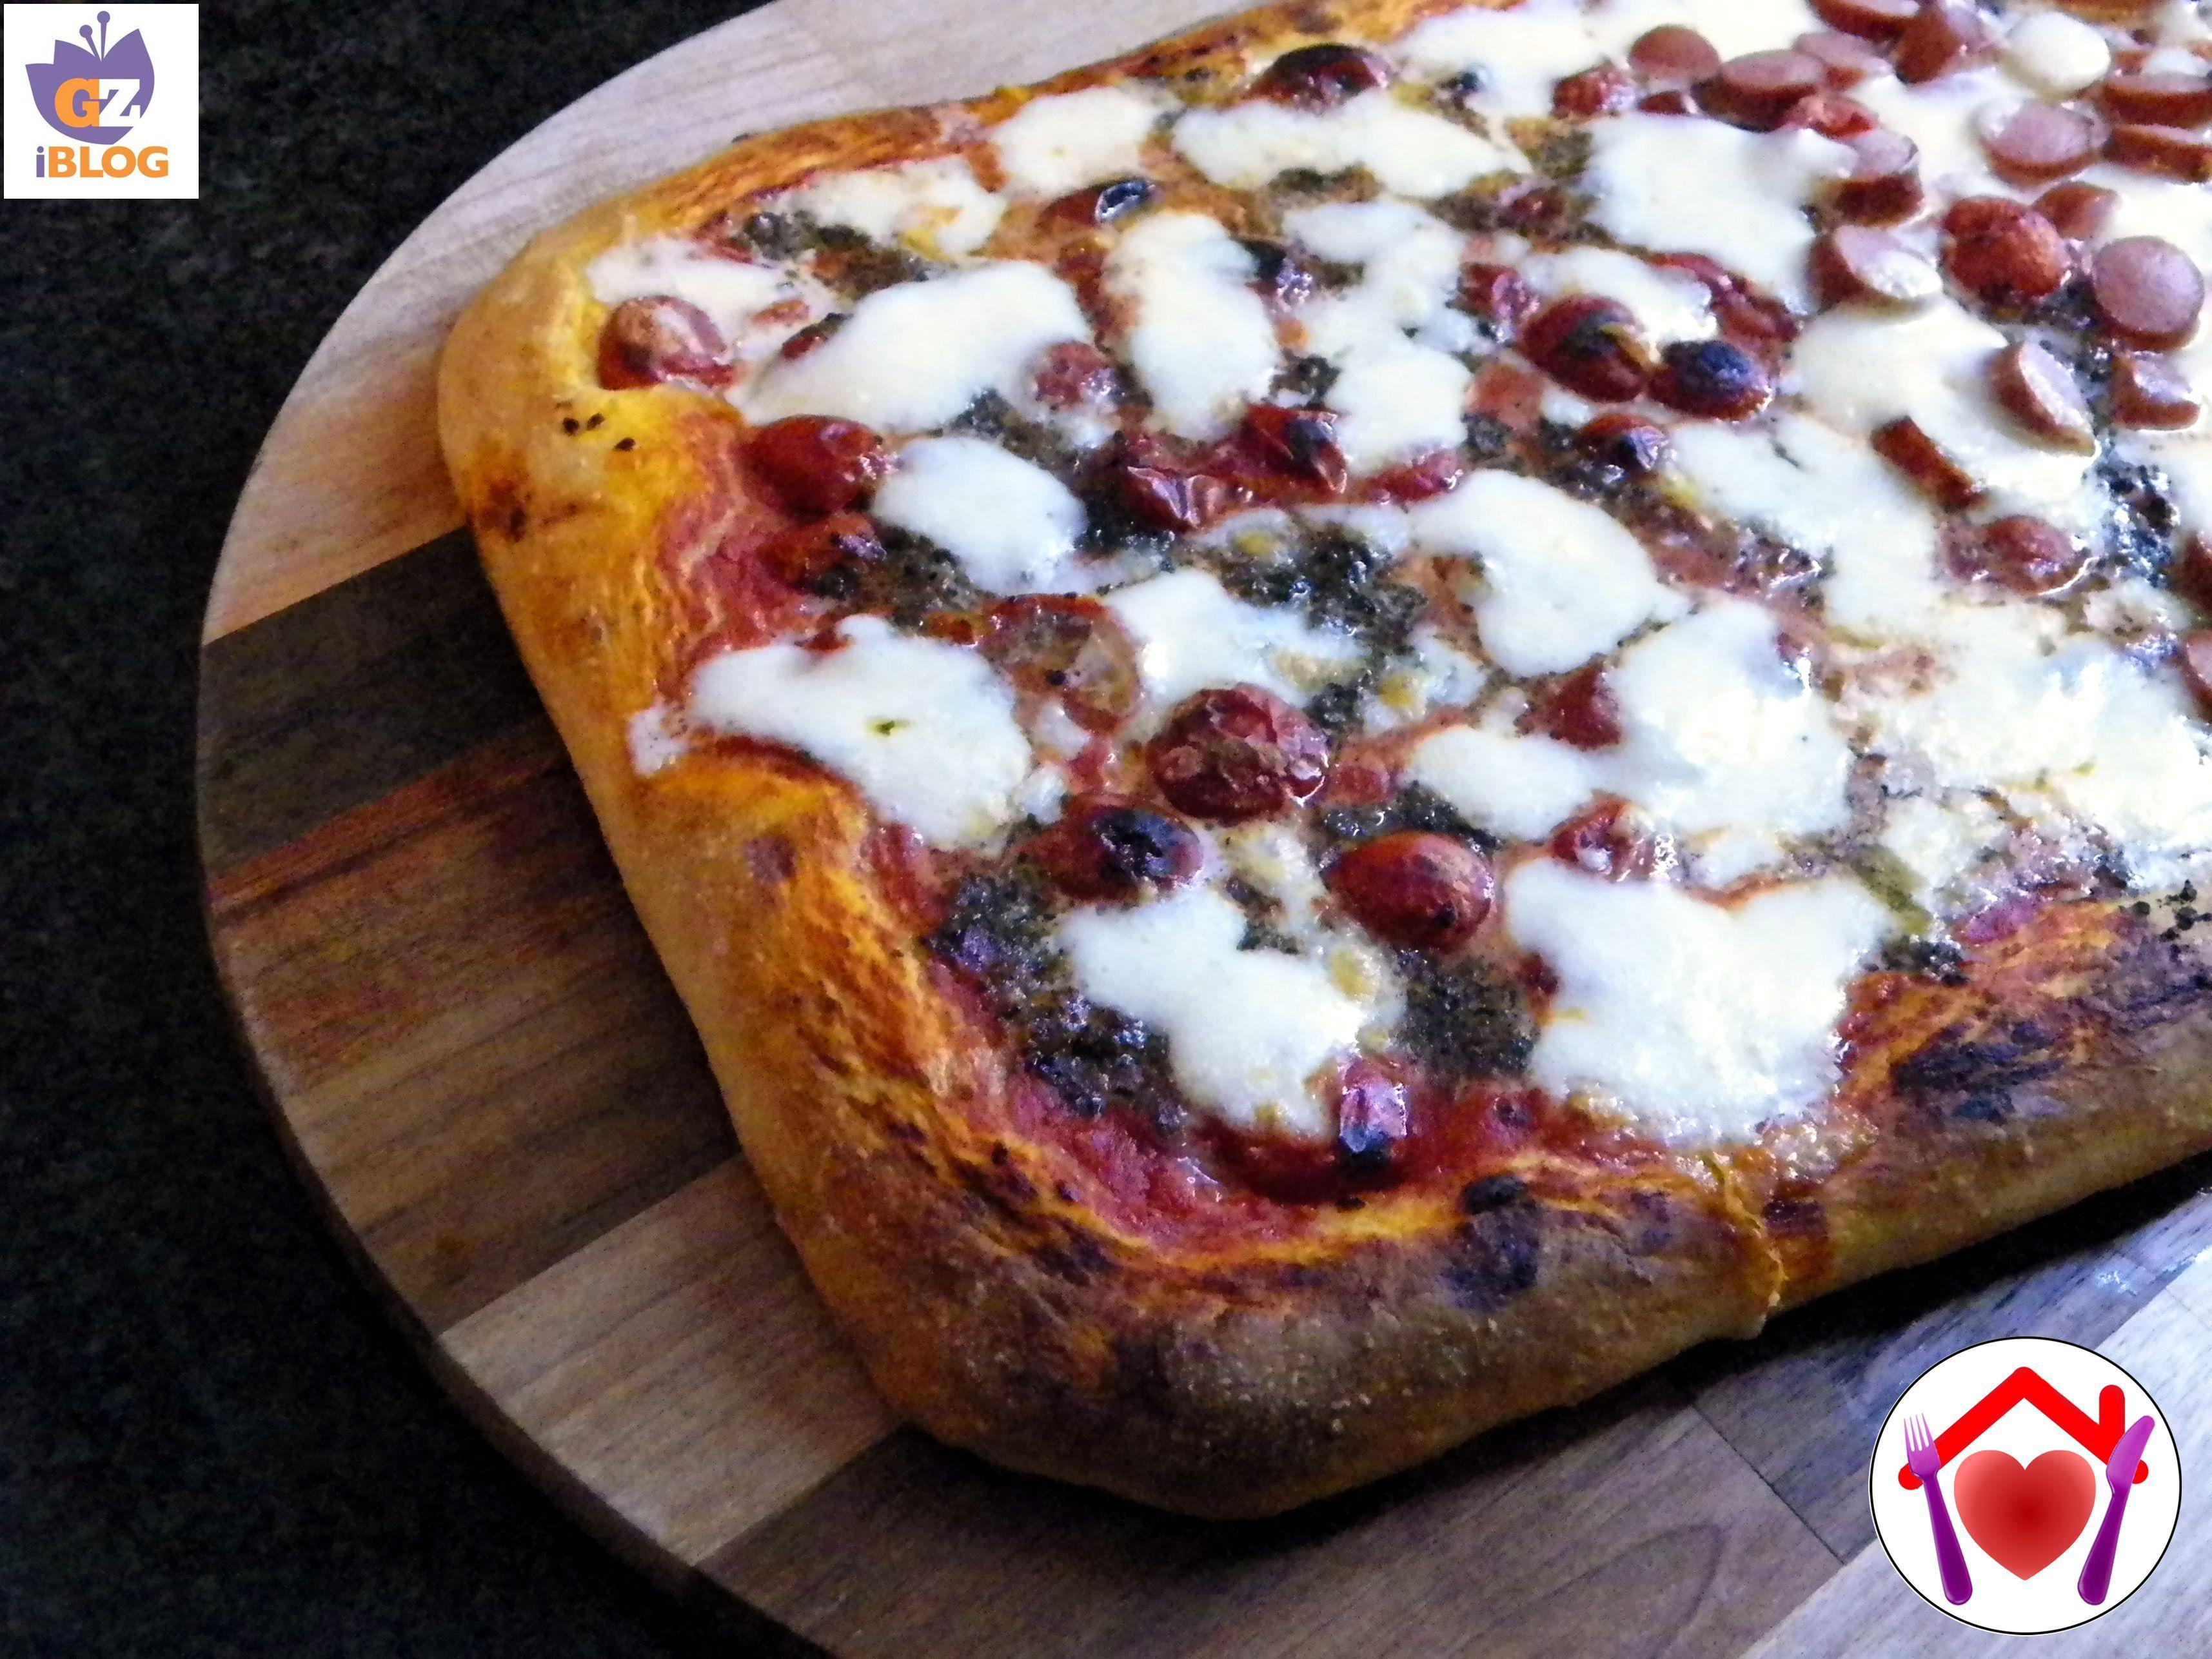 Una variante molto gustosa della pizza, soffice soffice e profumata: pizza tartufata.